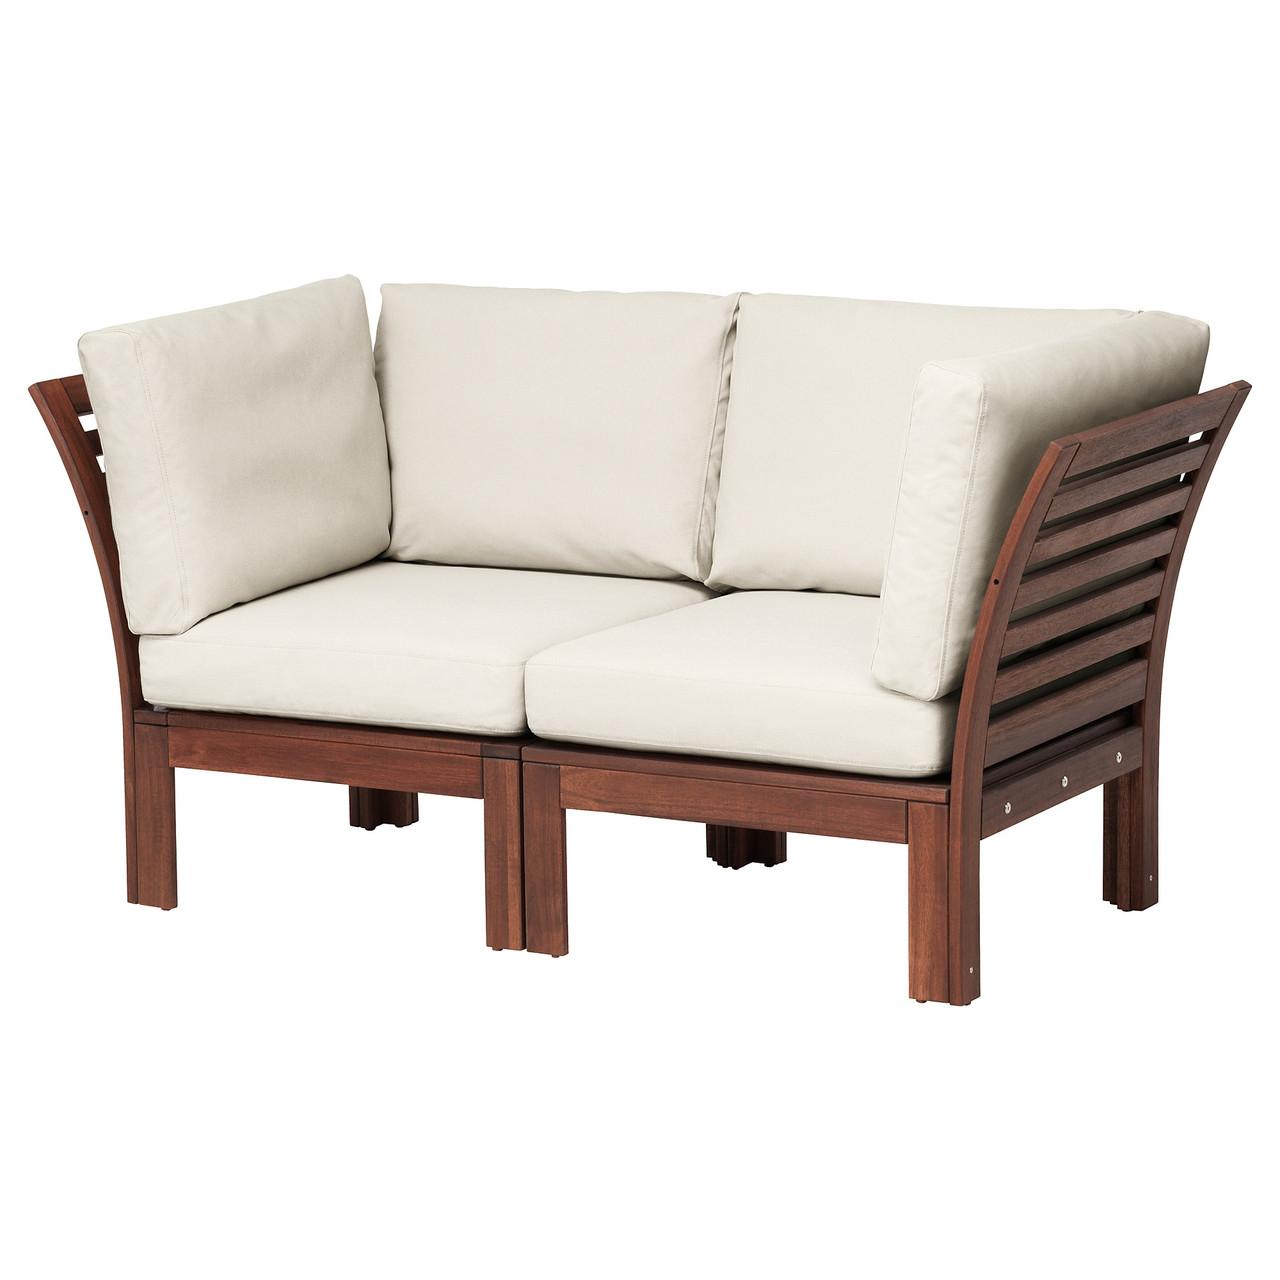 ЭПЛАРО, 2-местный модульный диван, садовый